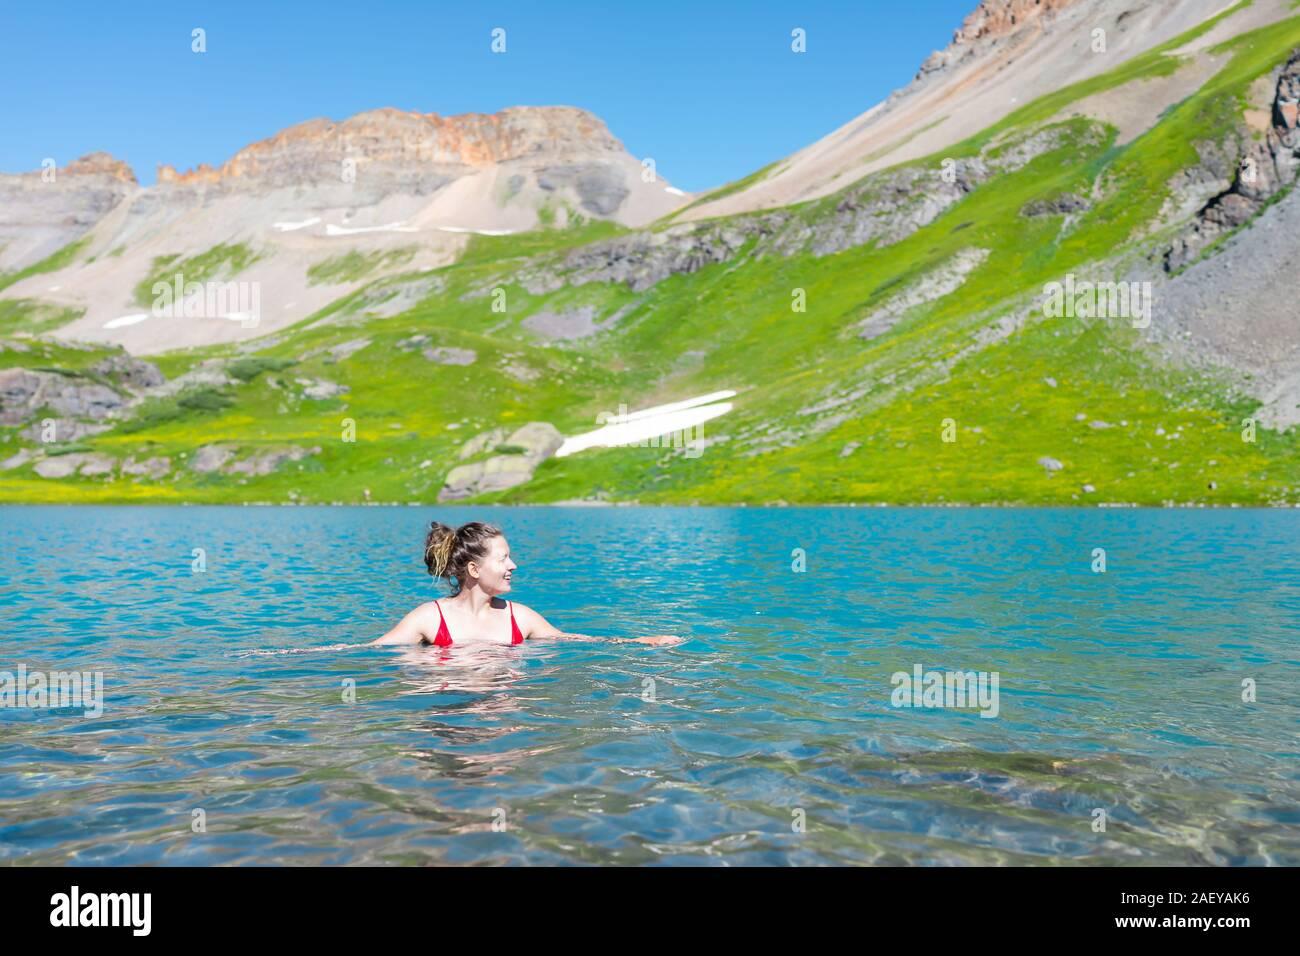 Jeune femme fille heureux de nager dans l'eau froide du lac de glace dynamique sur la célèbre piste en Silverton, Colorado en montagnes de San Juan en été Banque D'Images